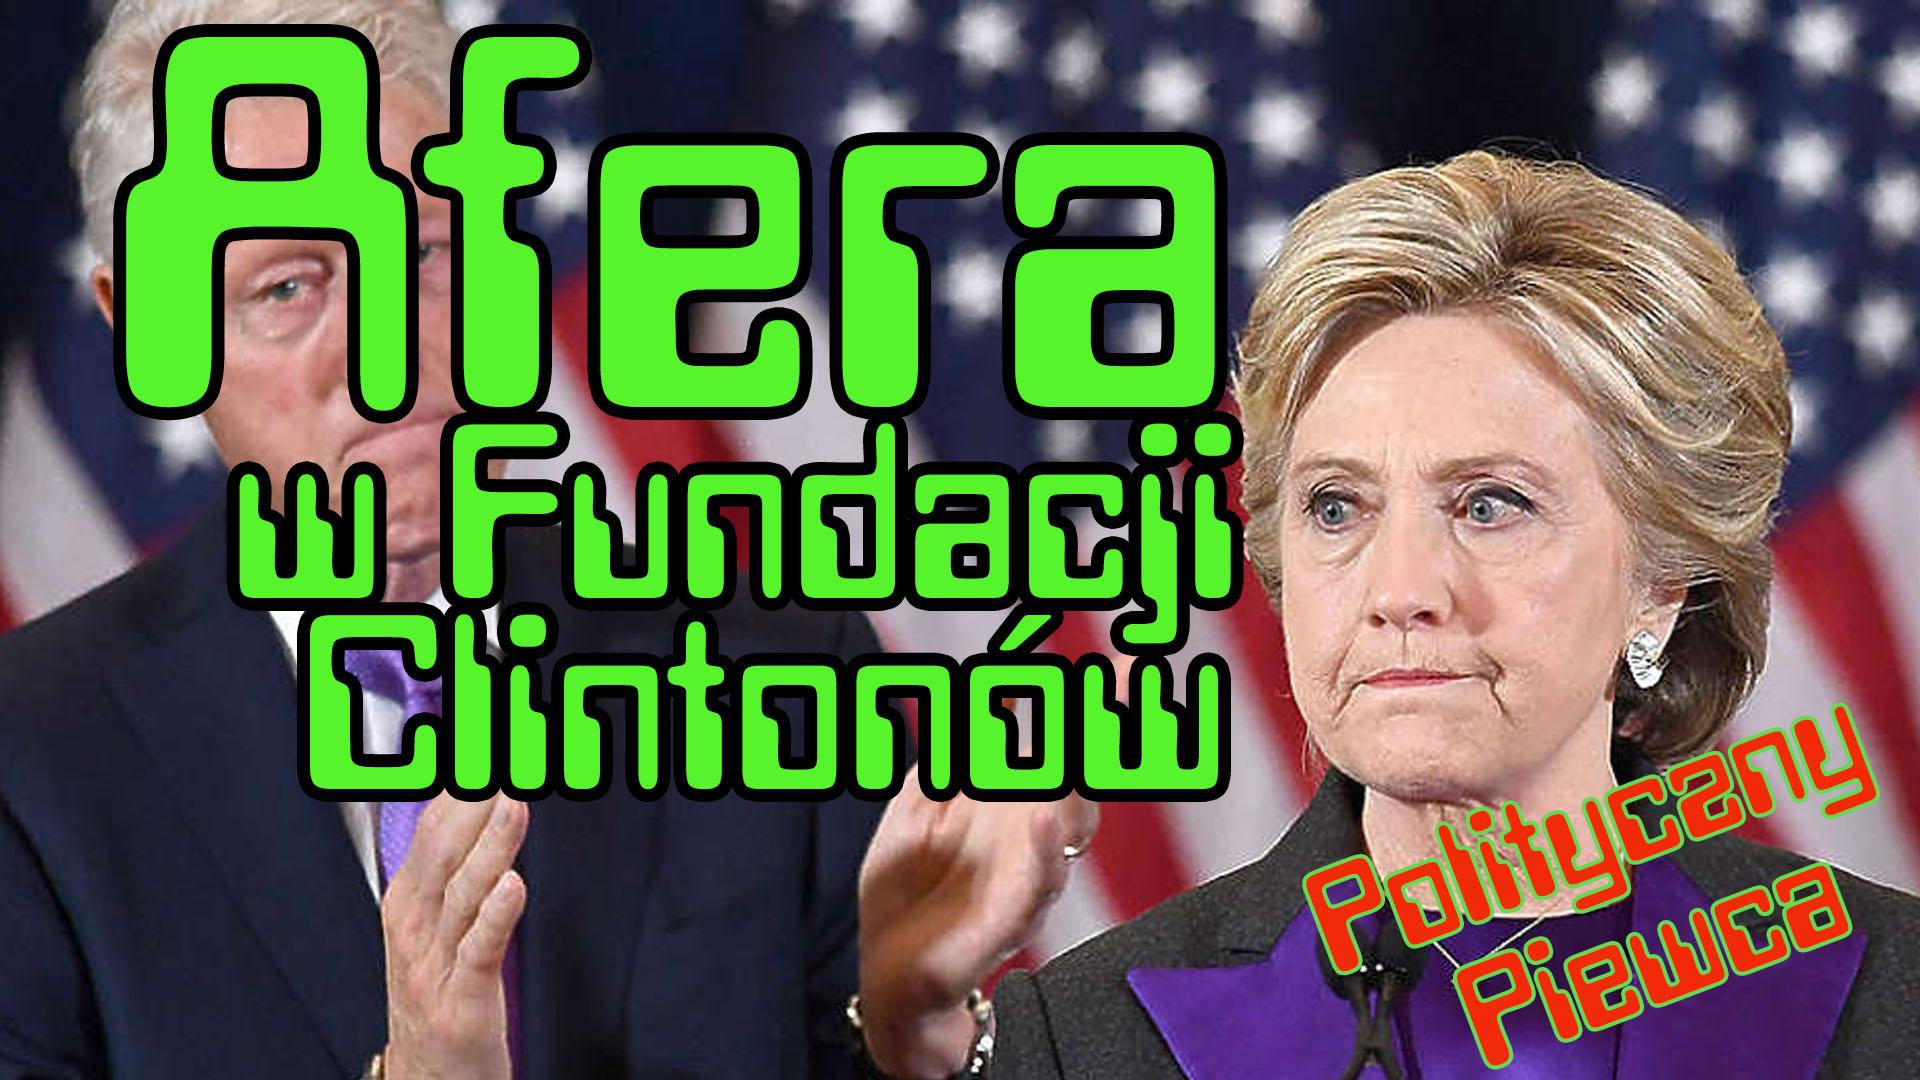 Afera w Fundacji Clintonów